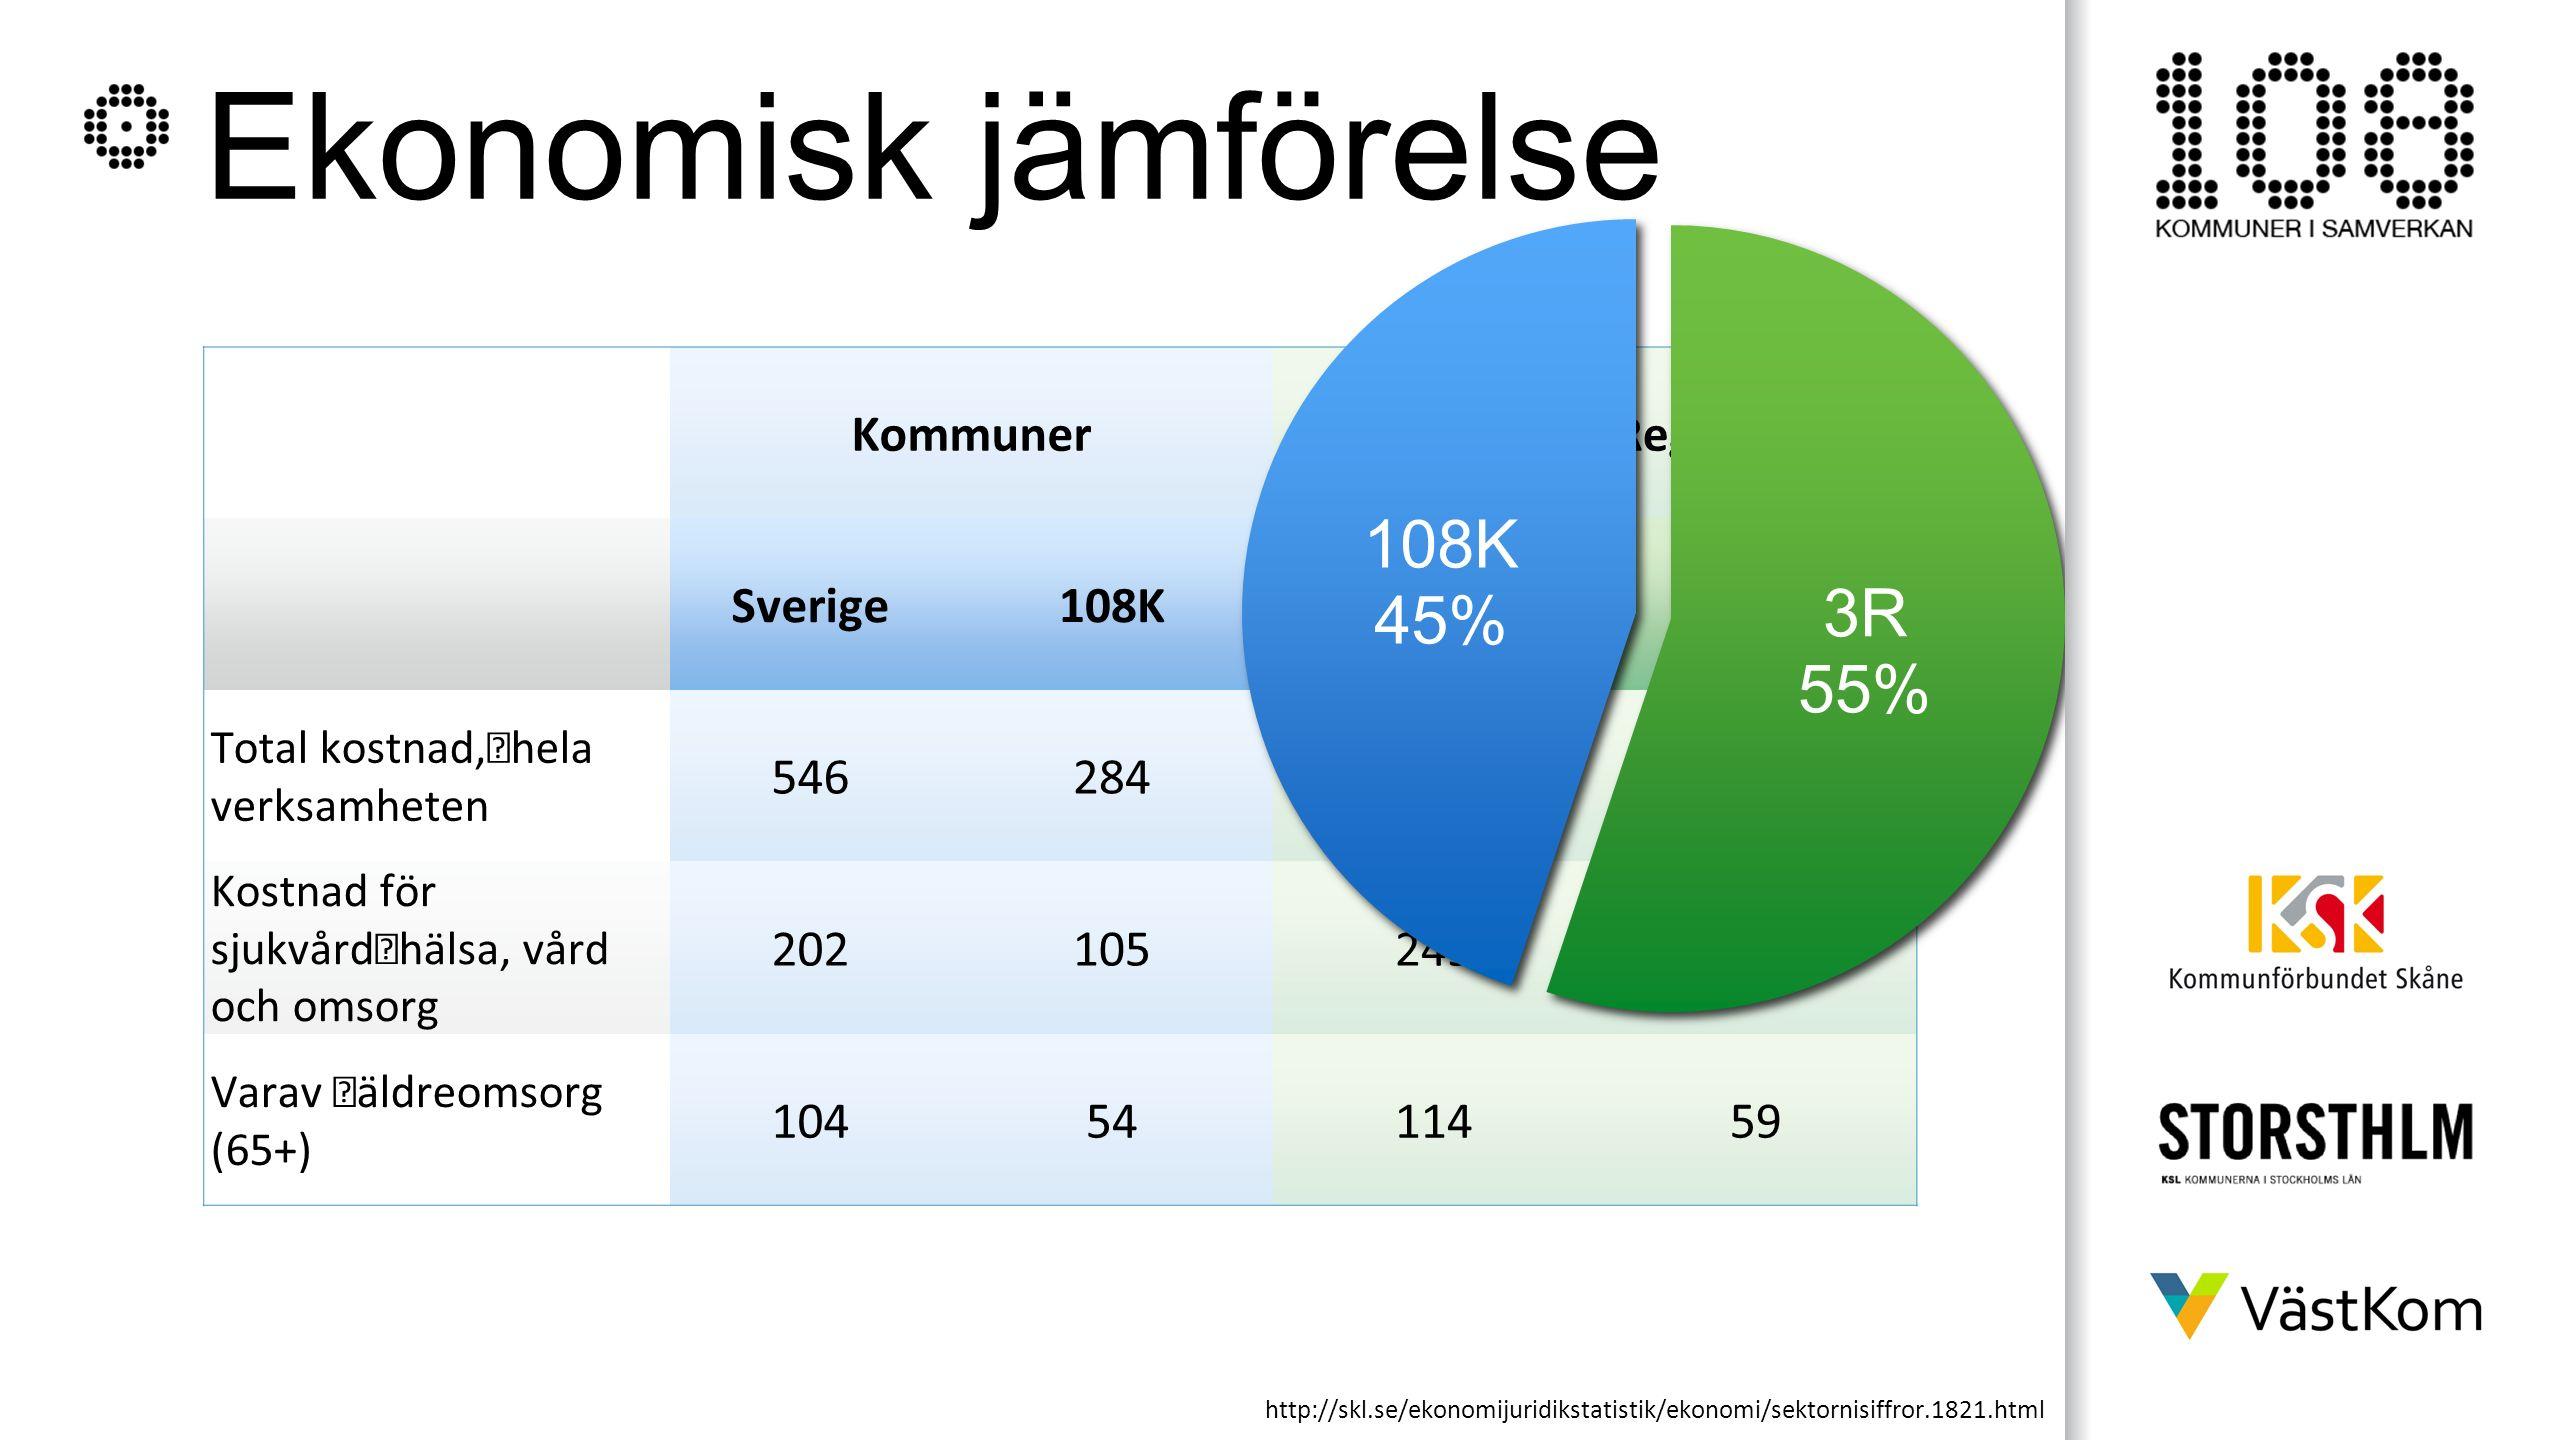 Ekonomisk jämförelse KommunerLandsting/Regioner Sverige108KSverige3R Total kostnad, hela verksamheten 546284280146 Kostnad för sjukvård hälsa, vård oc